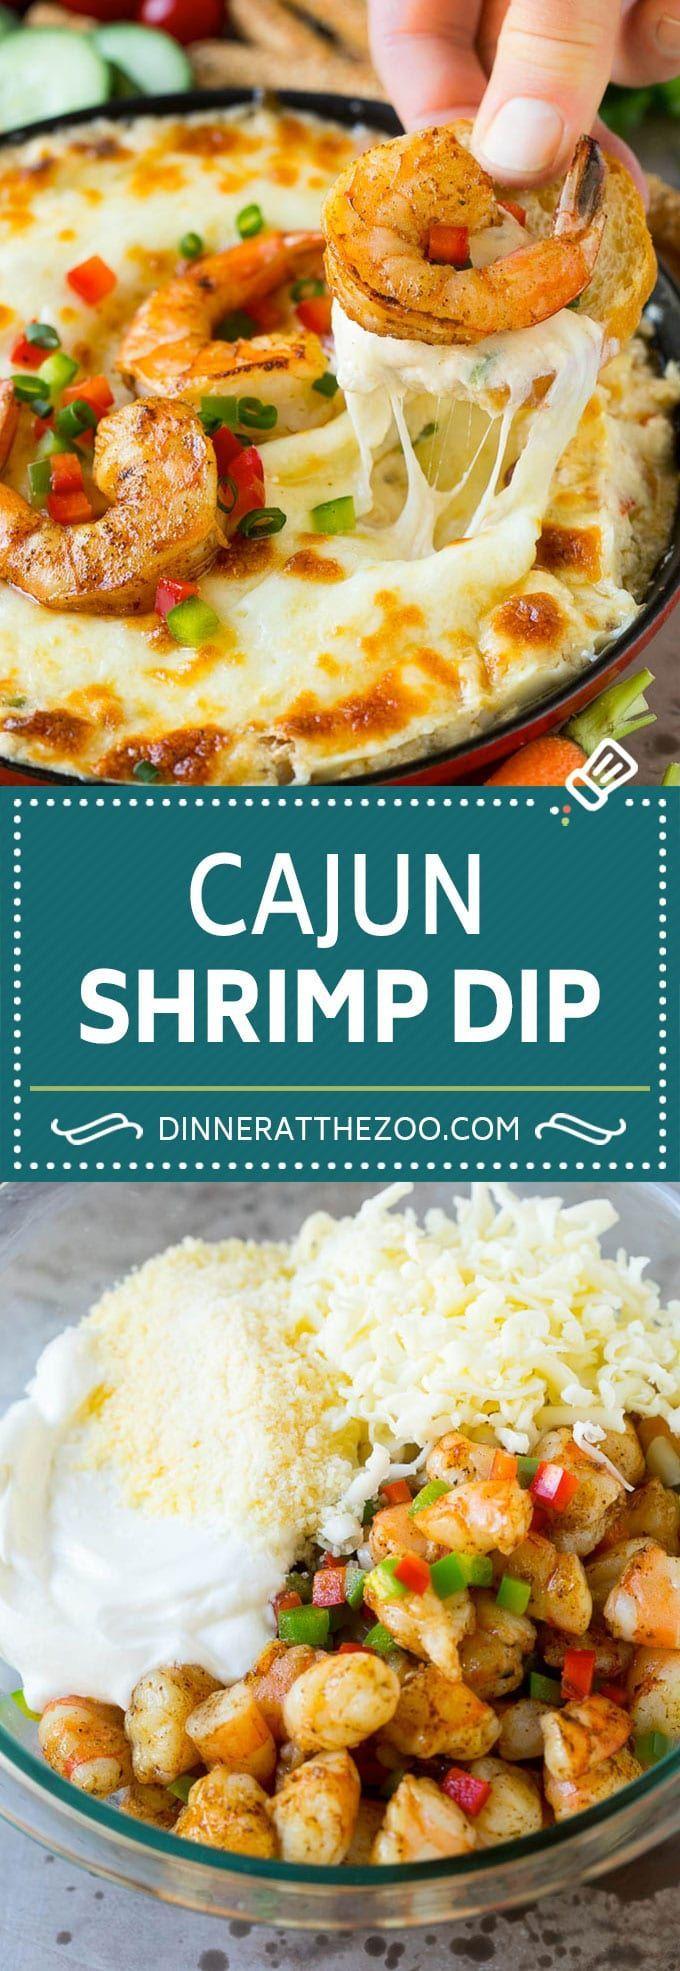 Cajun Shrimp Dip Cajun Shrimp Dip Recipe   Shrimp Dip   Cheese Dip